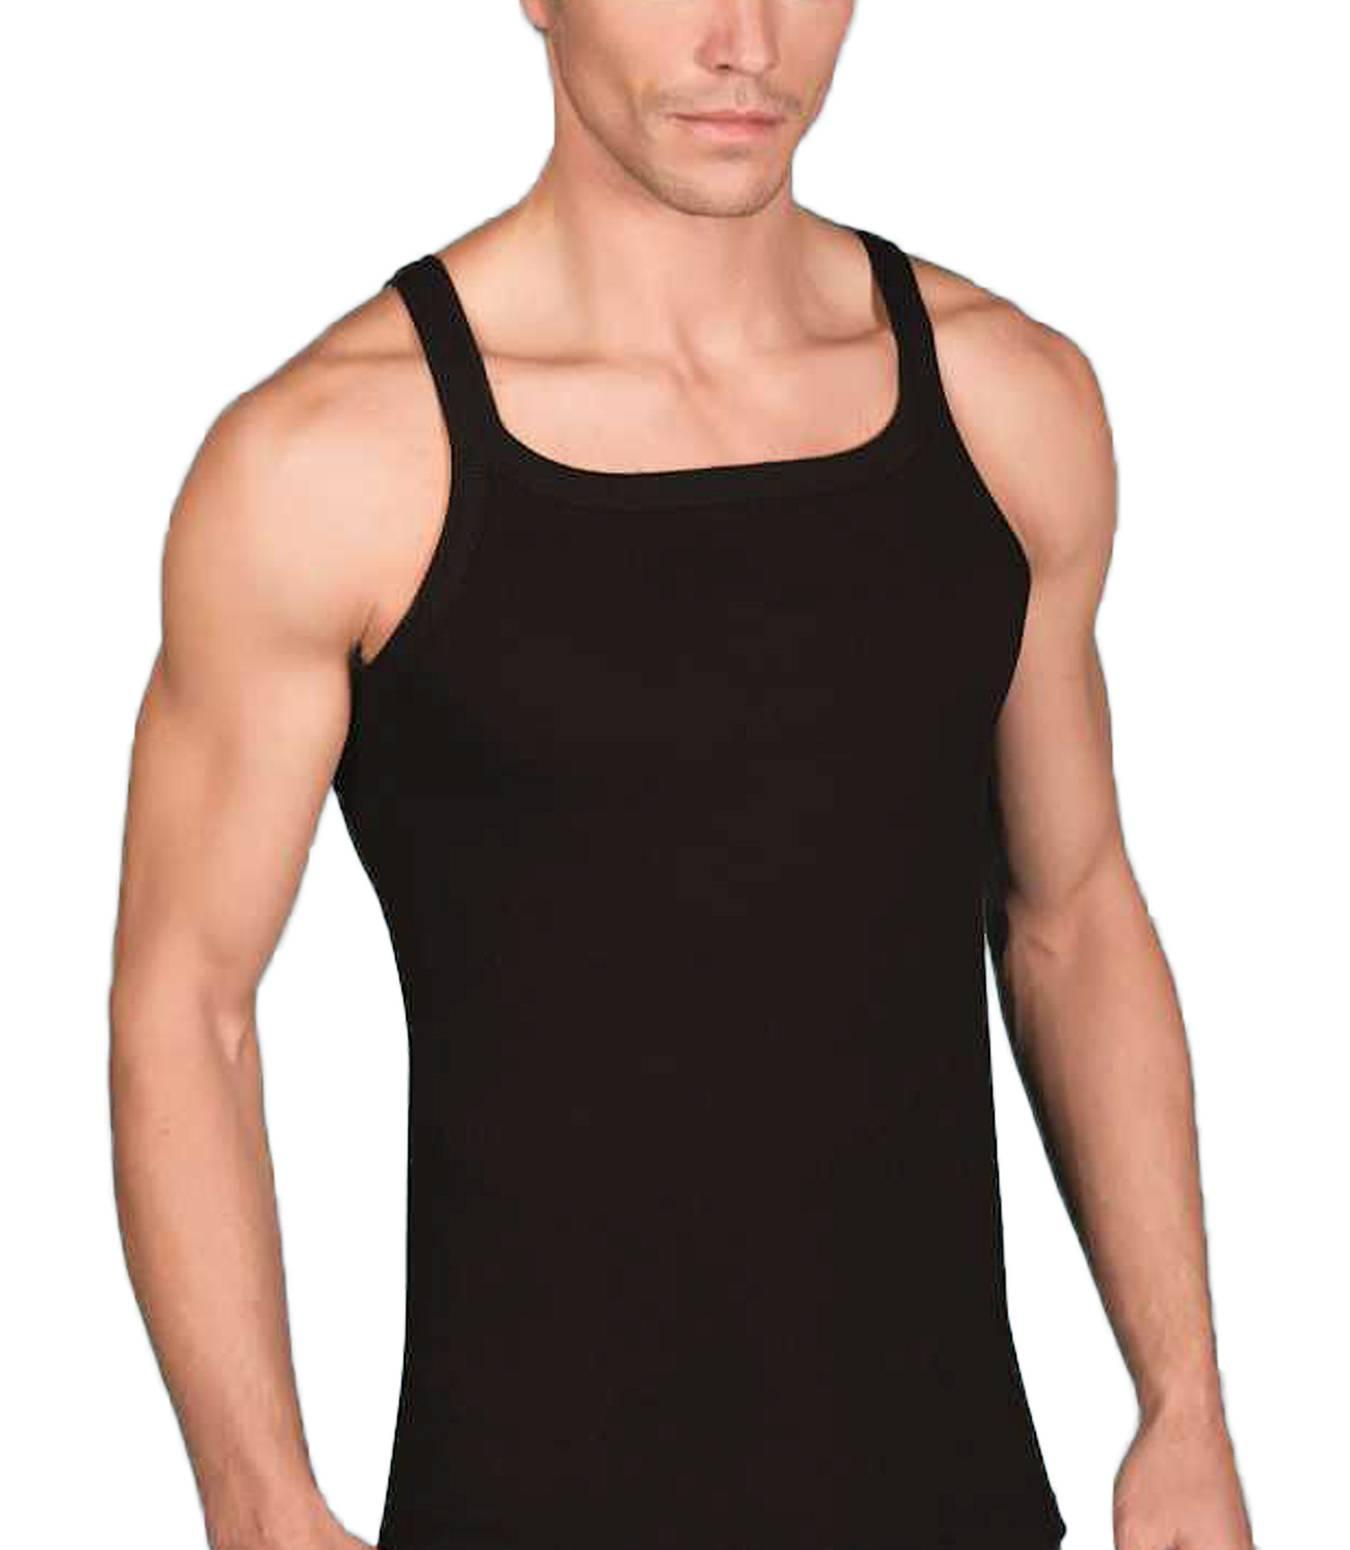 Modernes Ripp Unterhemd Rippshirt Baumwoll Tanktop Achselshirt Muskelshirt